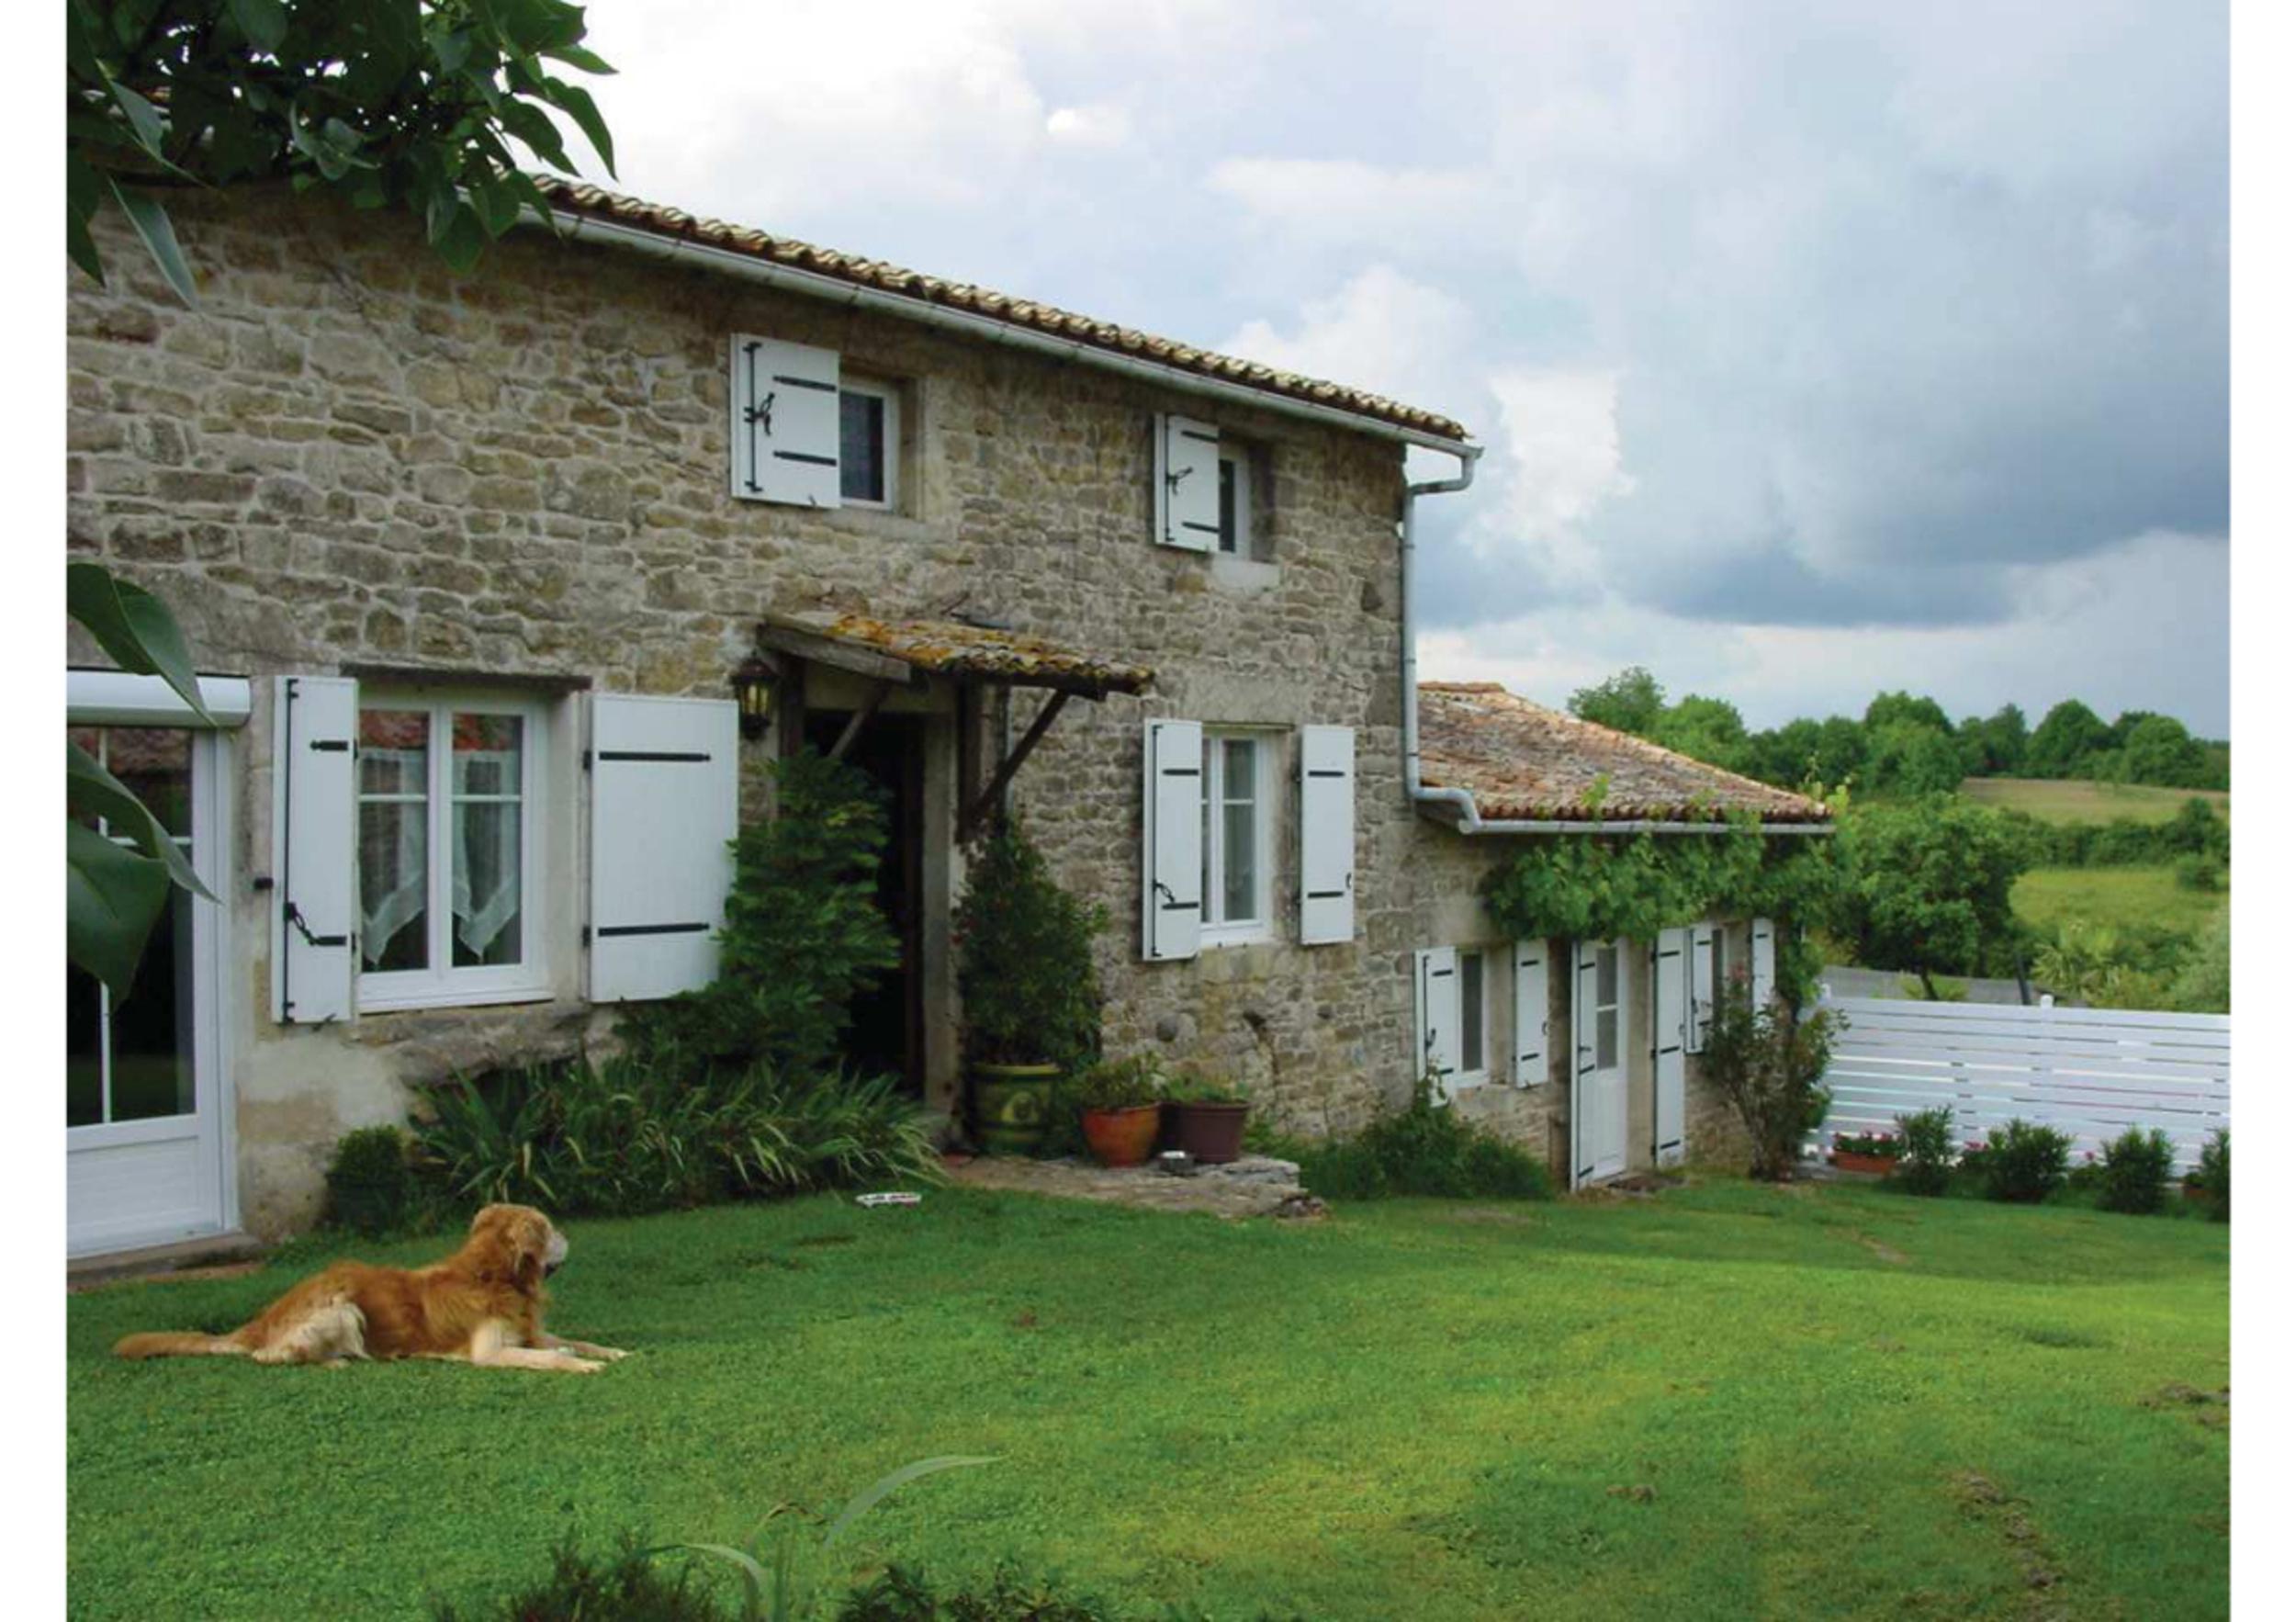 Gardiennage d''une maison en pierre en Poitou-Charentes